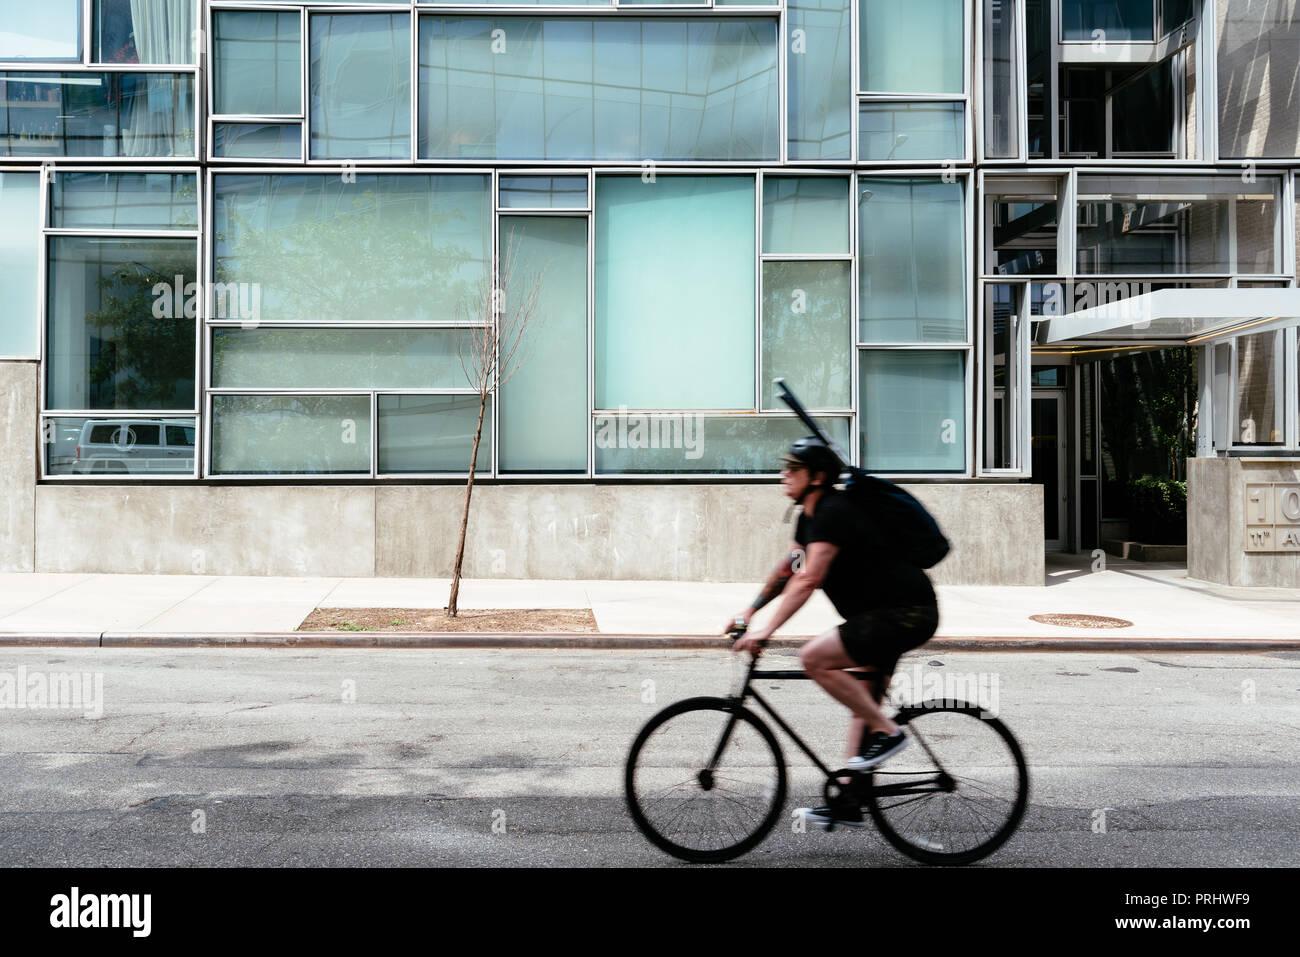 Radfahrer reiten gegen minimalistischen Stil Gebäude in New York. Motion Blur, nicht erkennbar. Stockbild